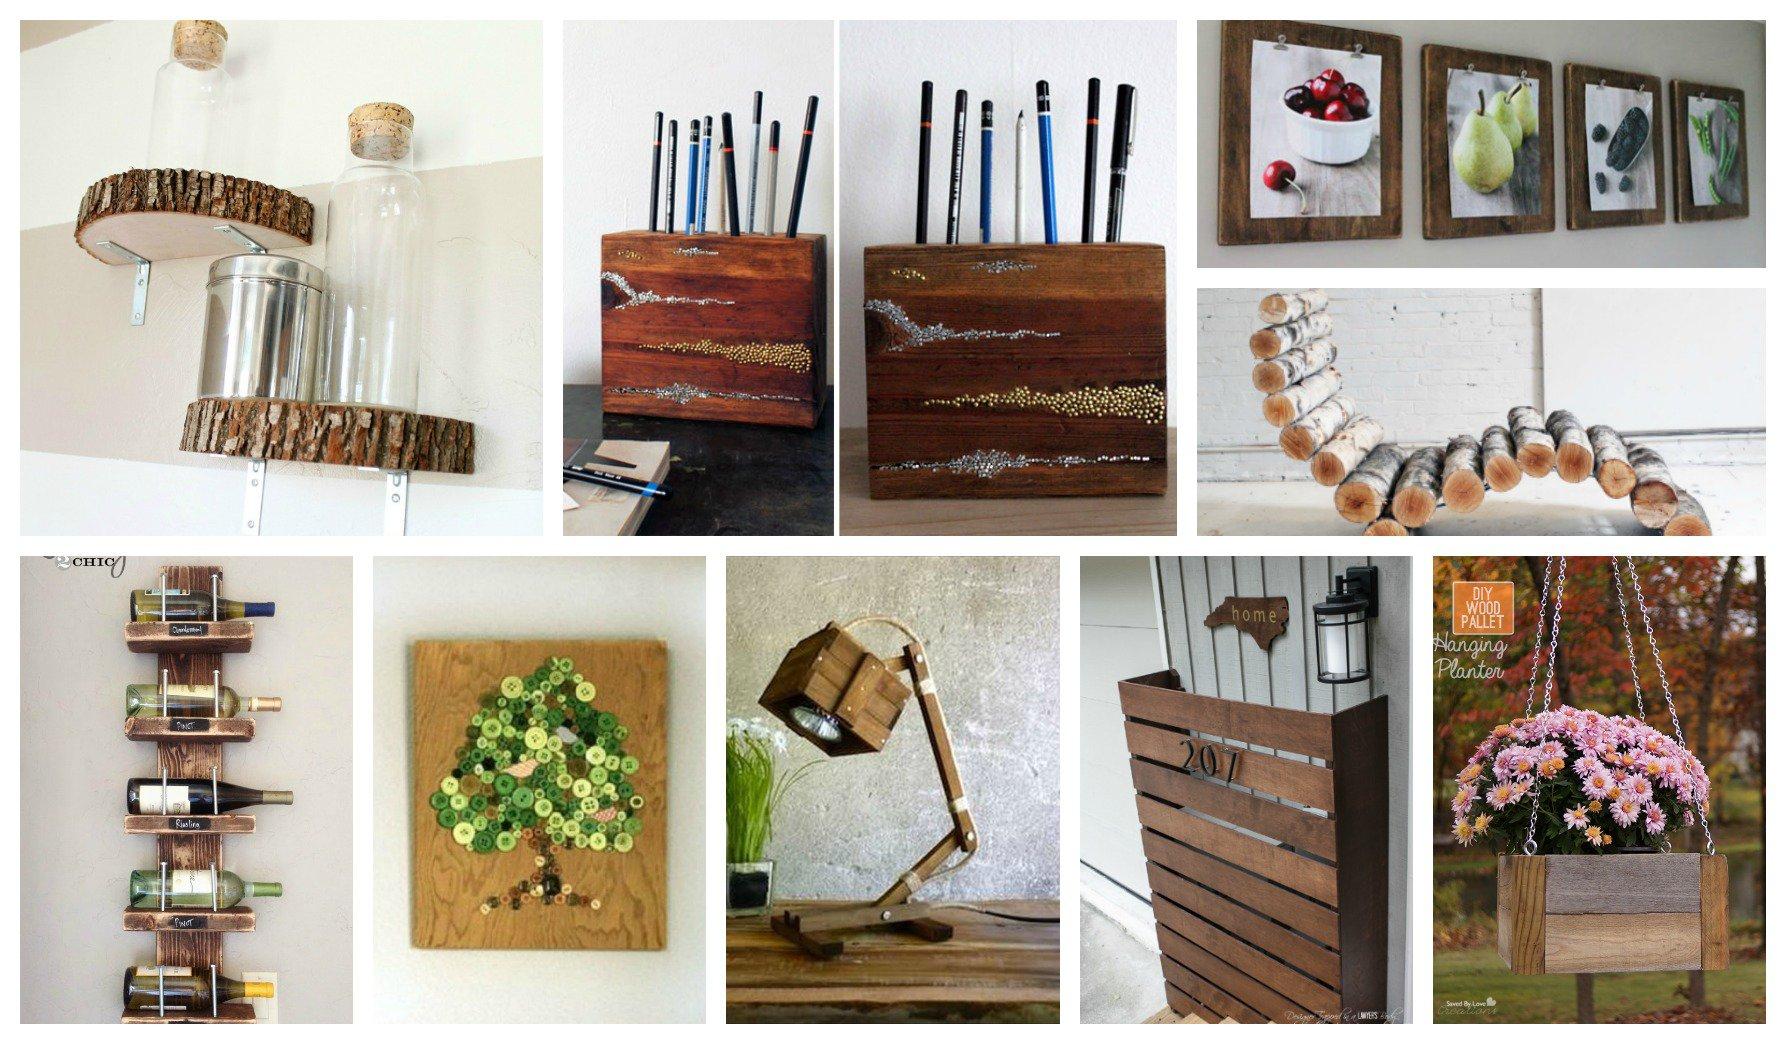 15 artesan as en madera que te sorprender n for Ideas decorativas economicas